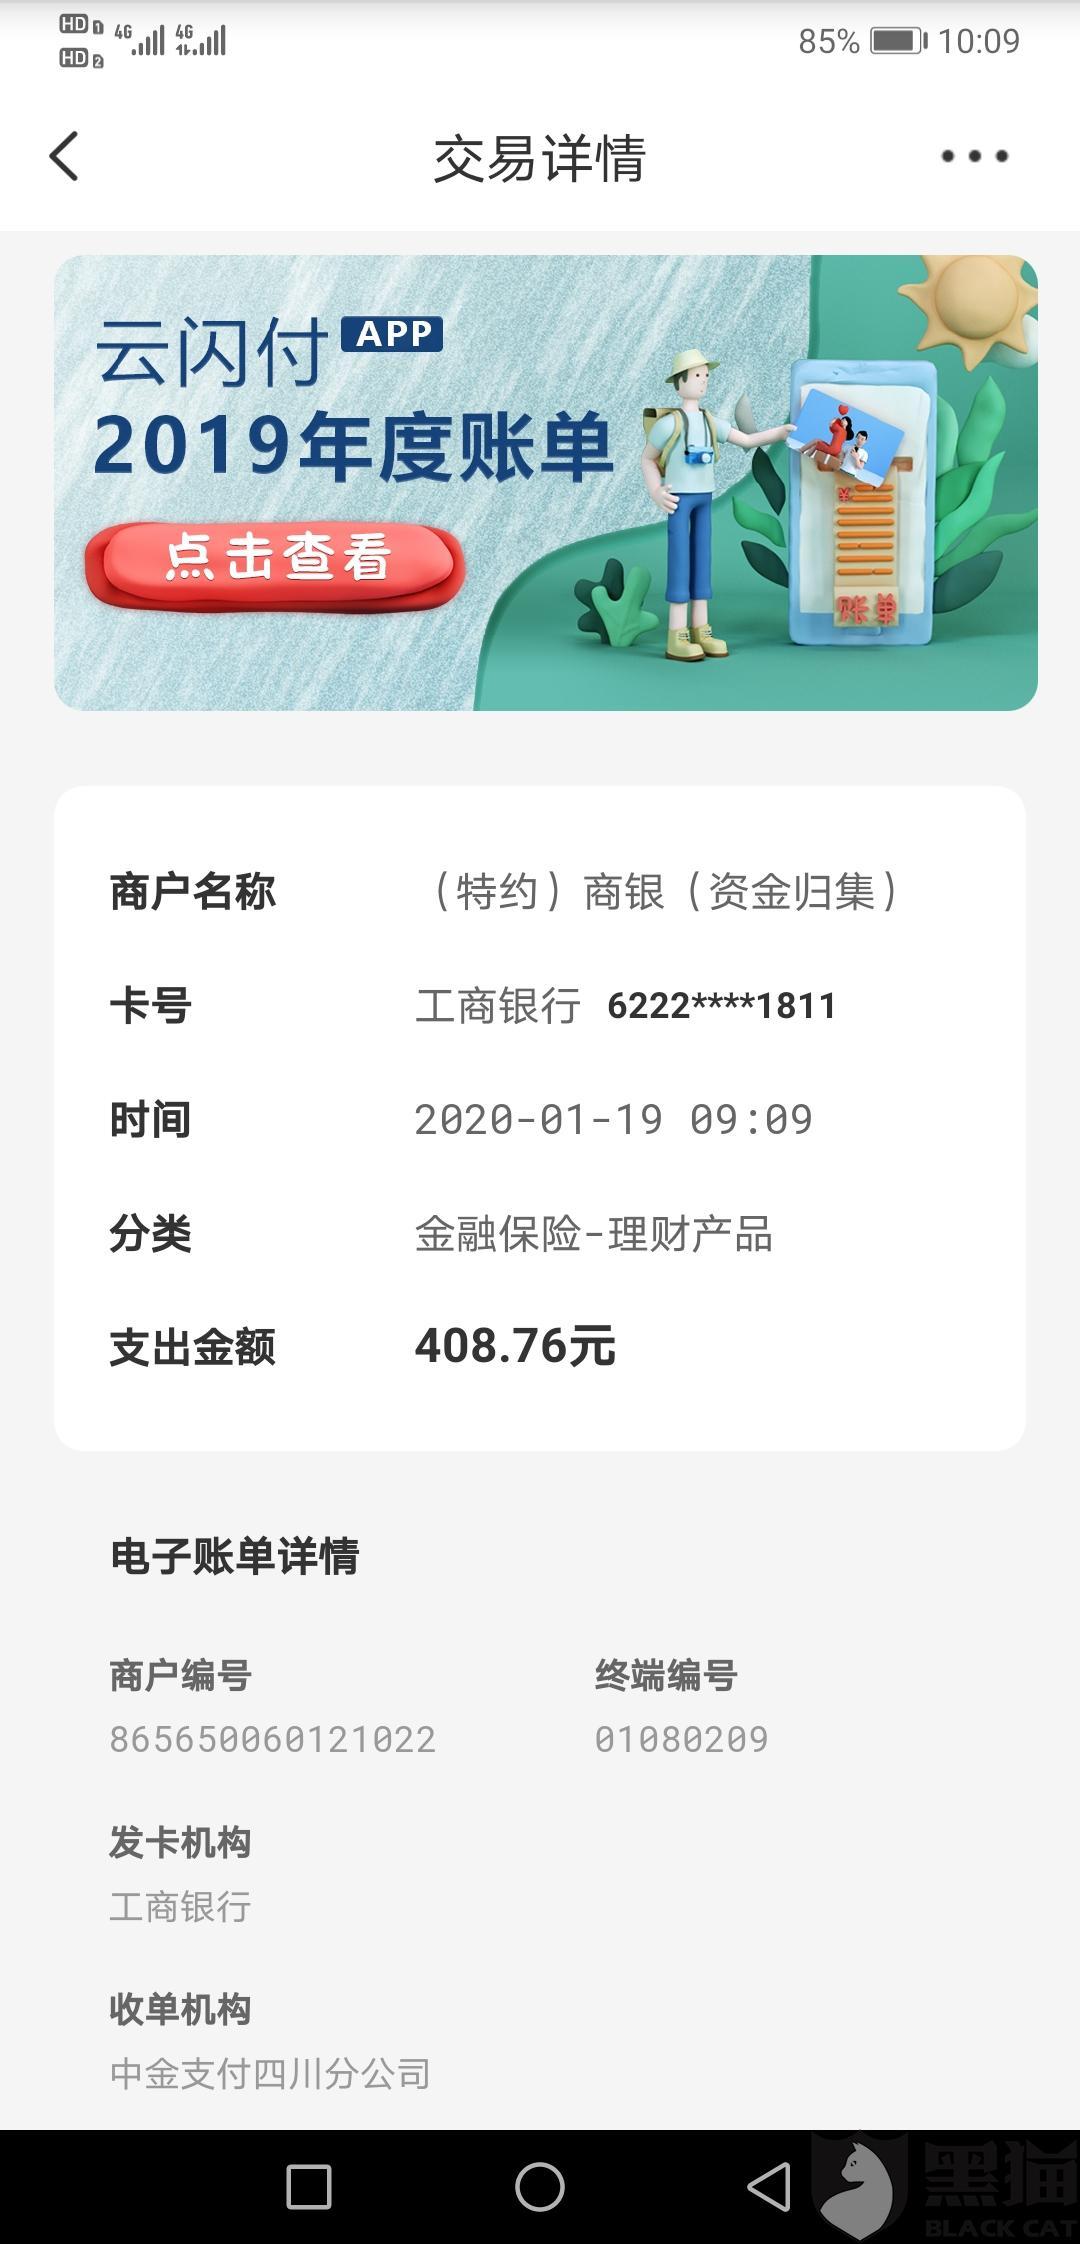 黑猫投诉:中金支付四川分公司在我不知情况下扣费408.76